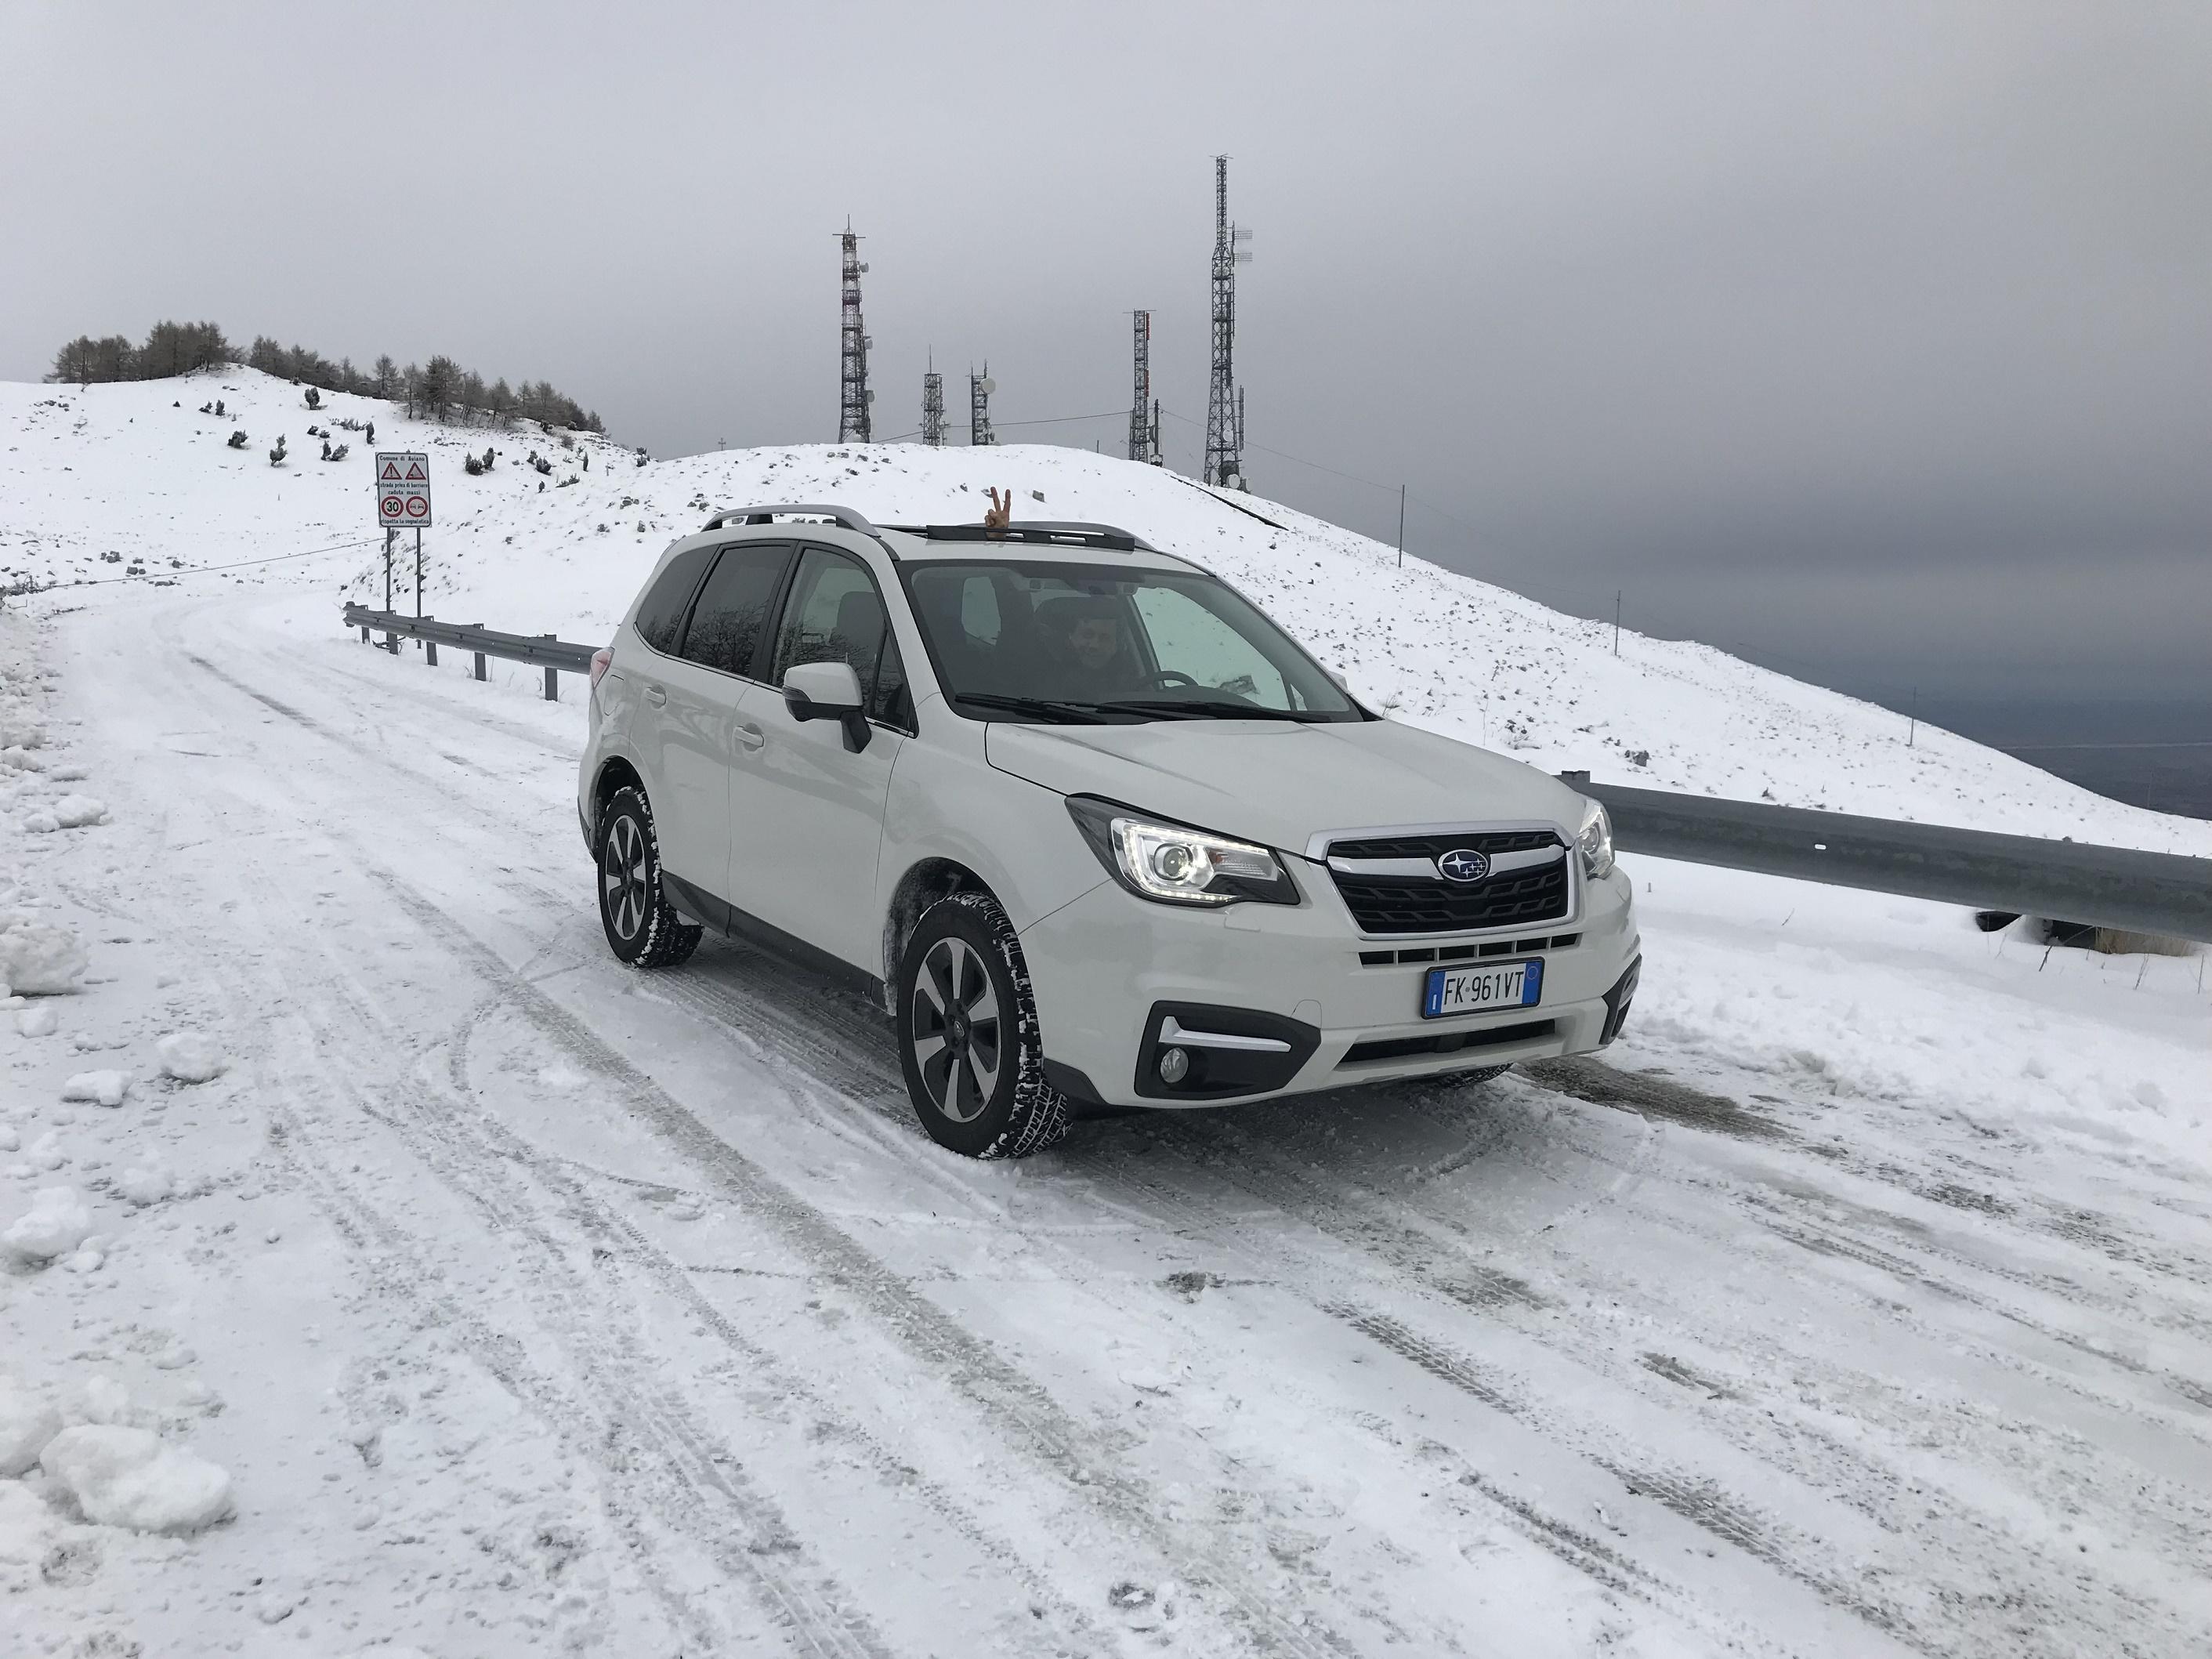 #Testdrive #Subaru Nuova #Forester sempre sinonimo di affidabilità sulla neve